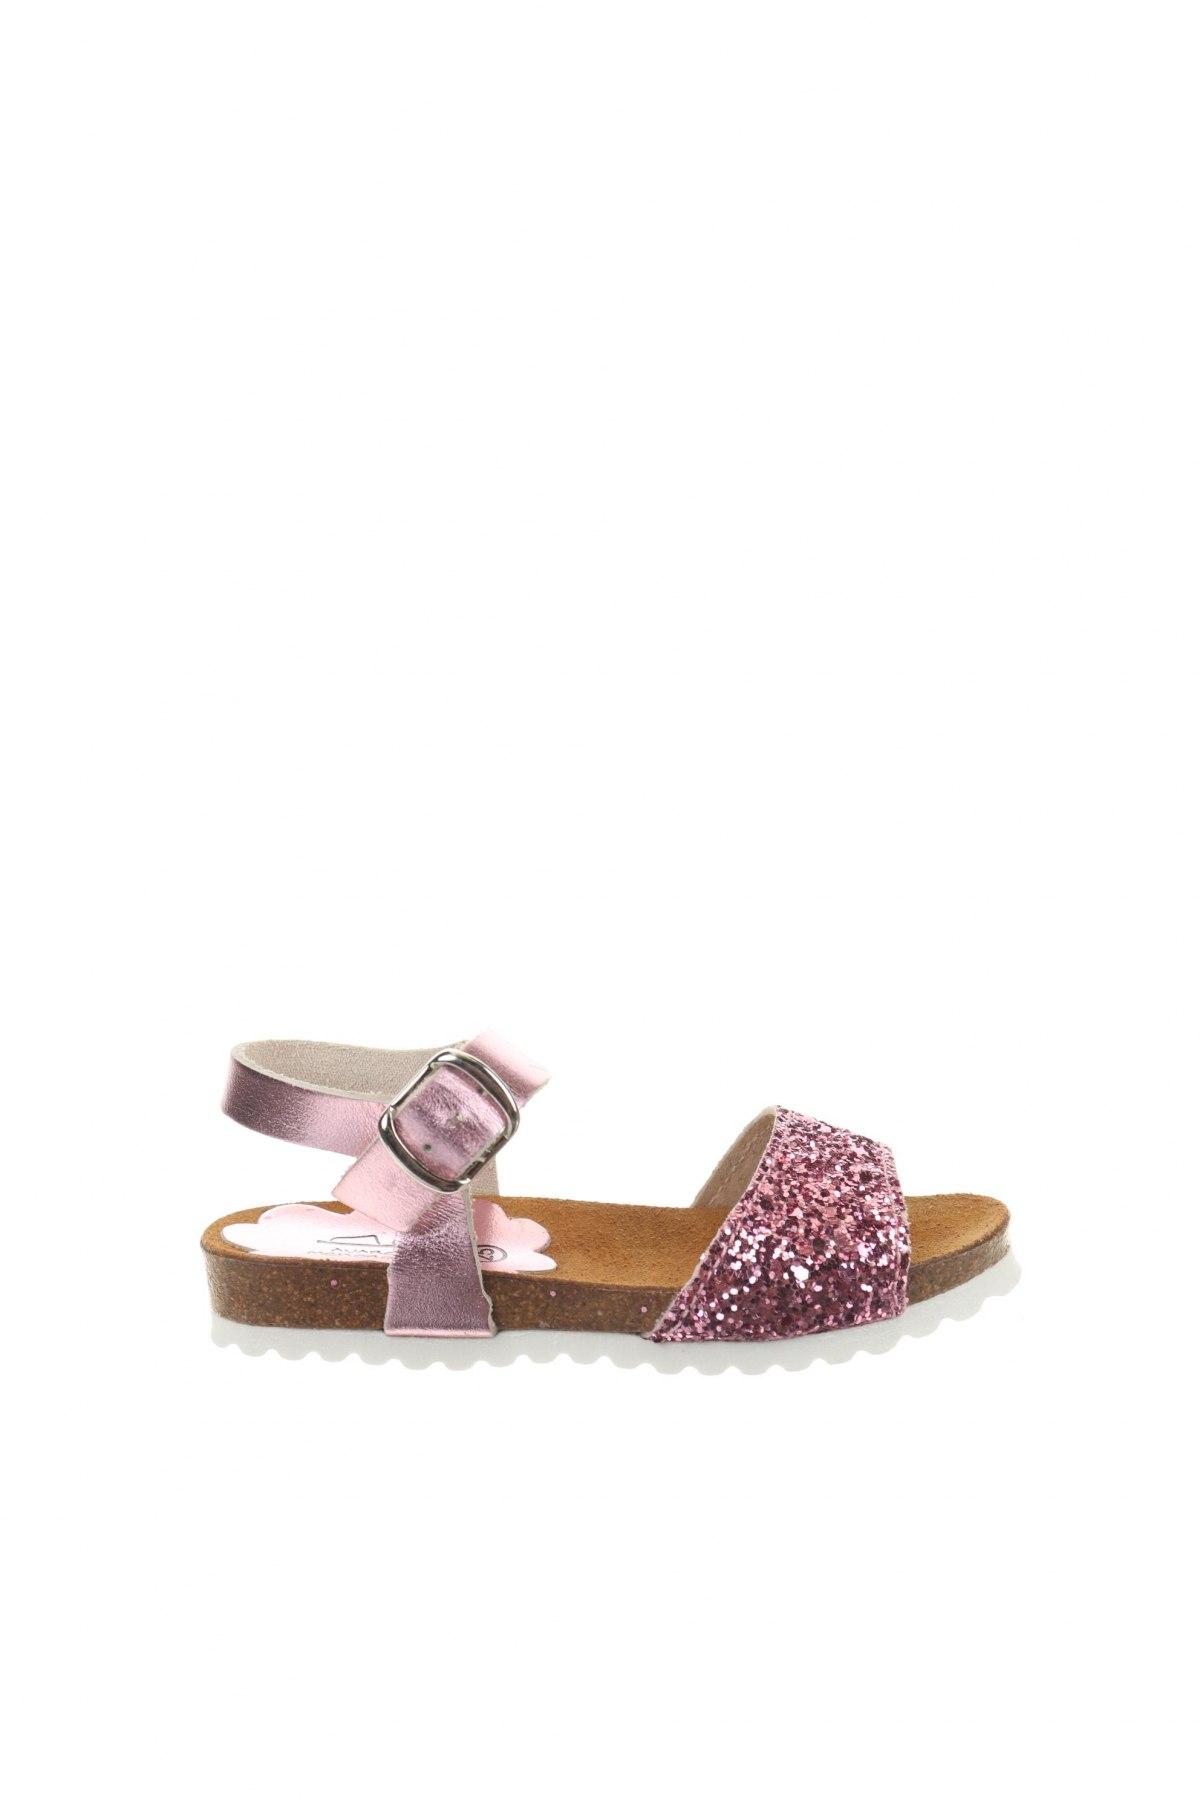 Παιδικά σανδάλια Avarca Menorquina, Μέγεθος 25, Χρώμα Ρόζ , Γνήσιο δέρμα, κλωστοϋφαντουργικά προϊόντα, Τιμή 30,41€